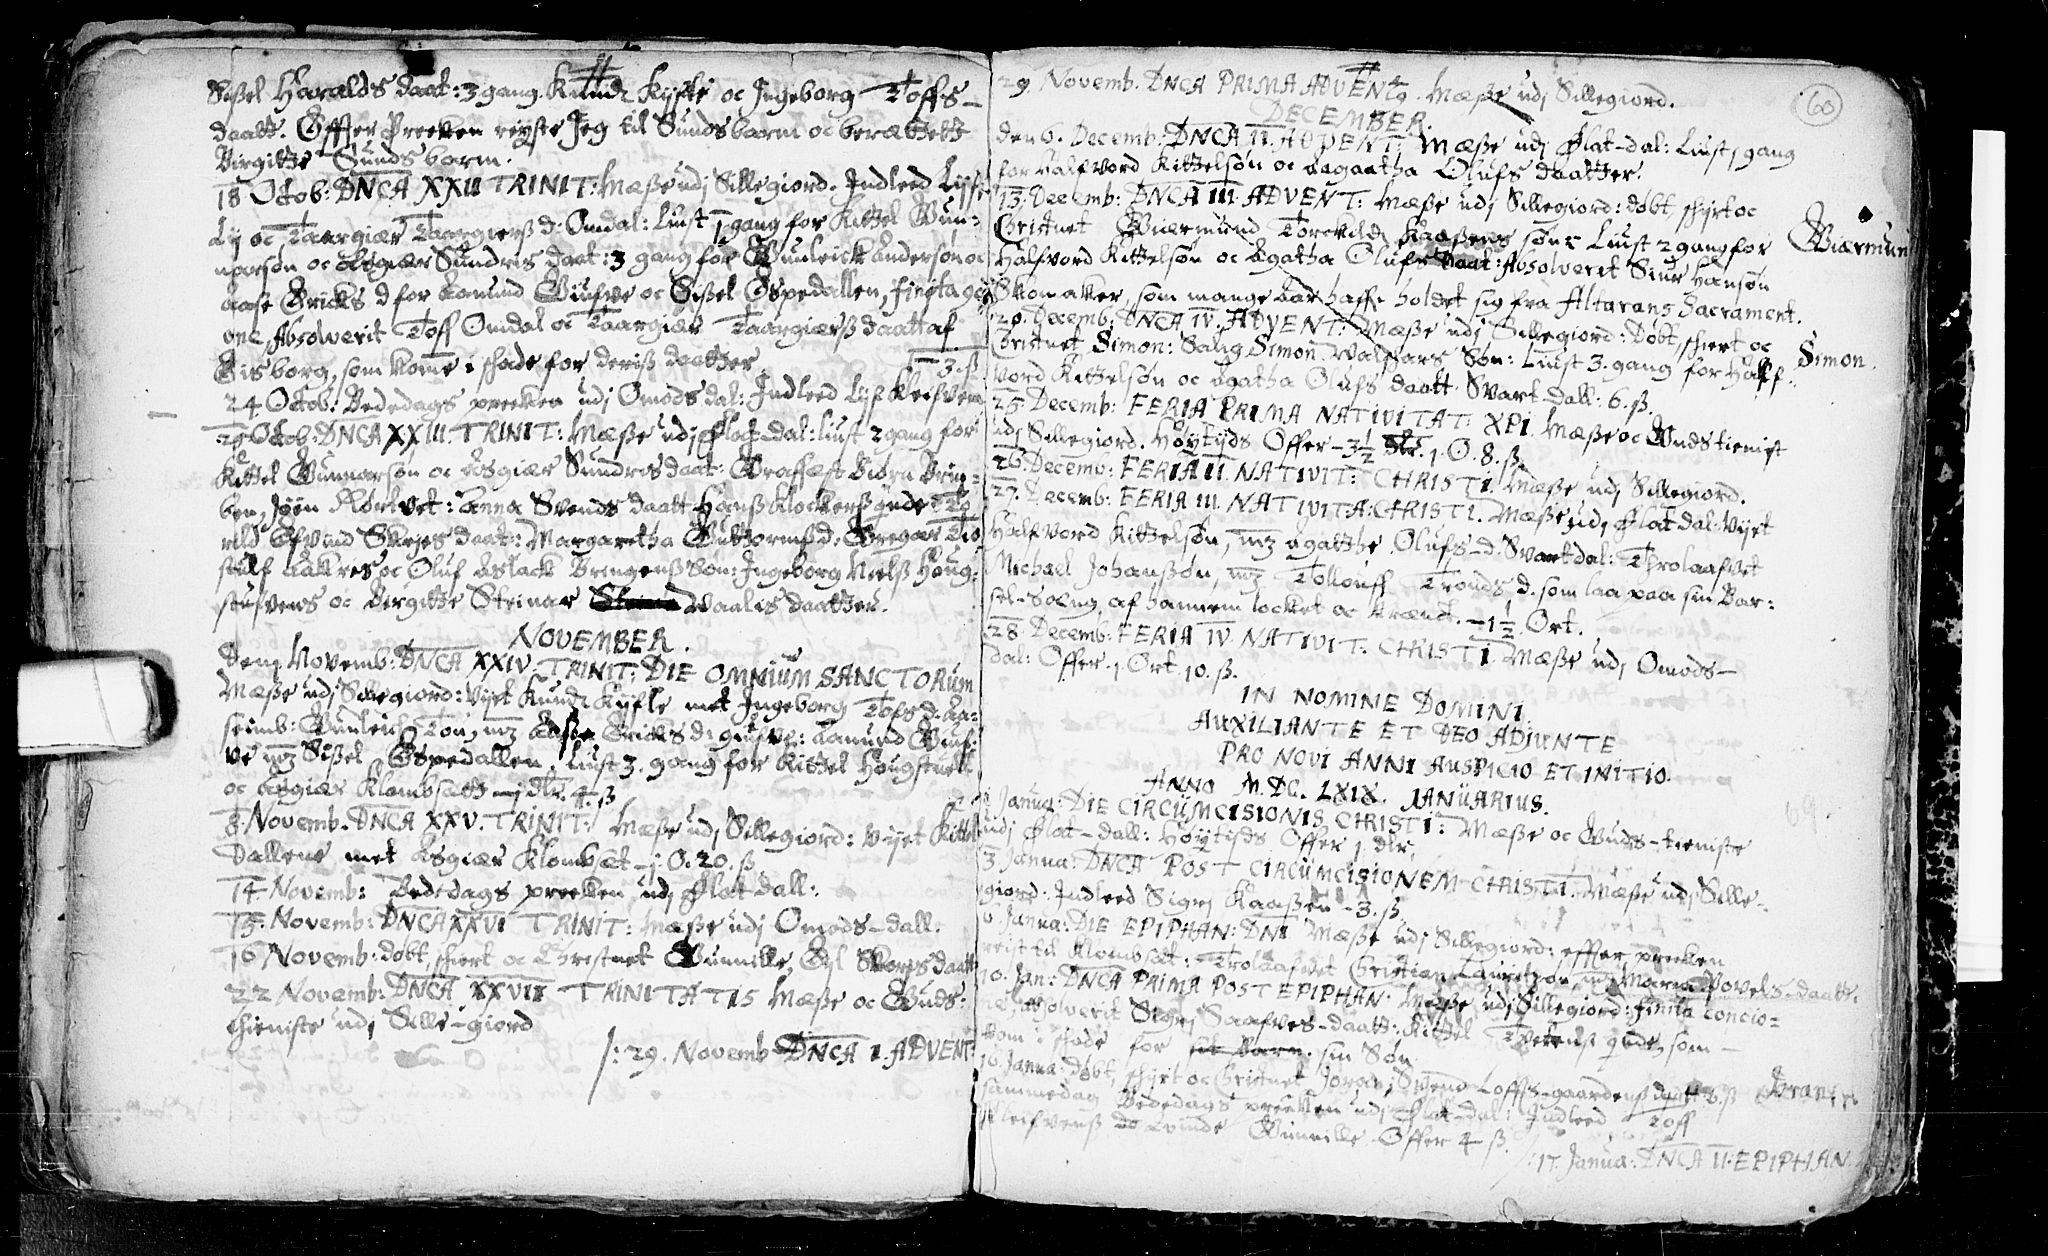 SAKO, Seljord kirkebøker, F/Fa/L0001: Ministerialbok nr. I 1, 1654-1686, s. 60